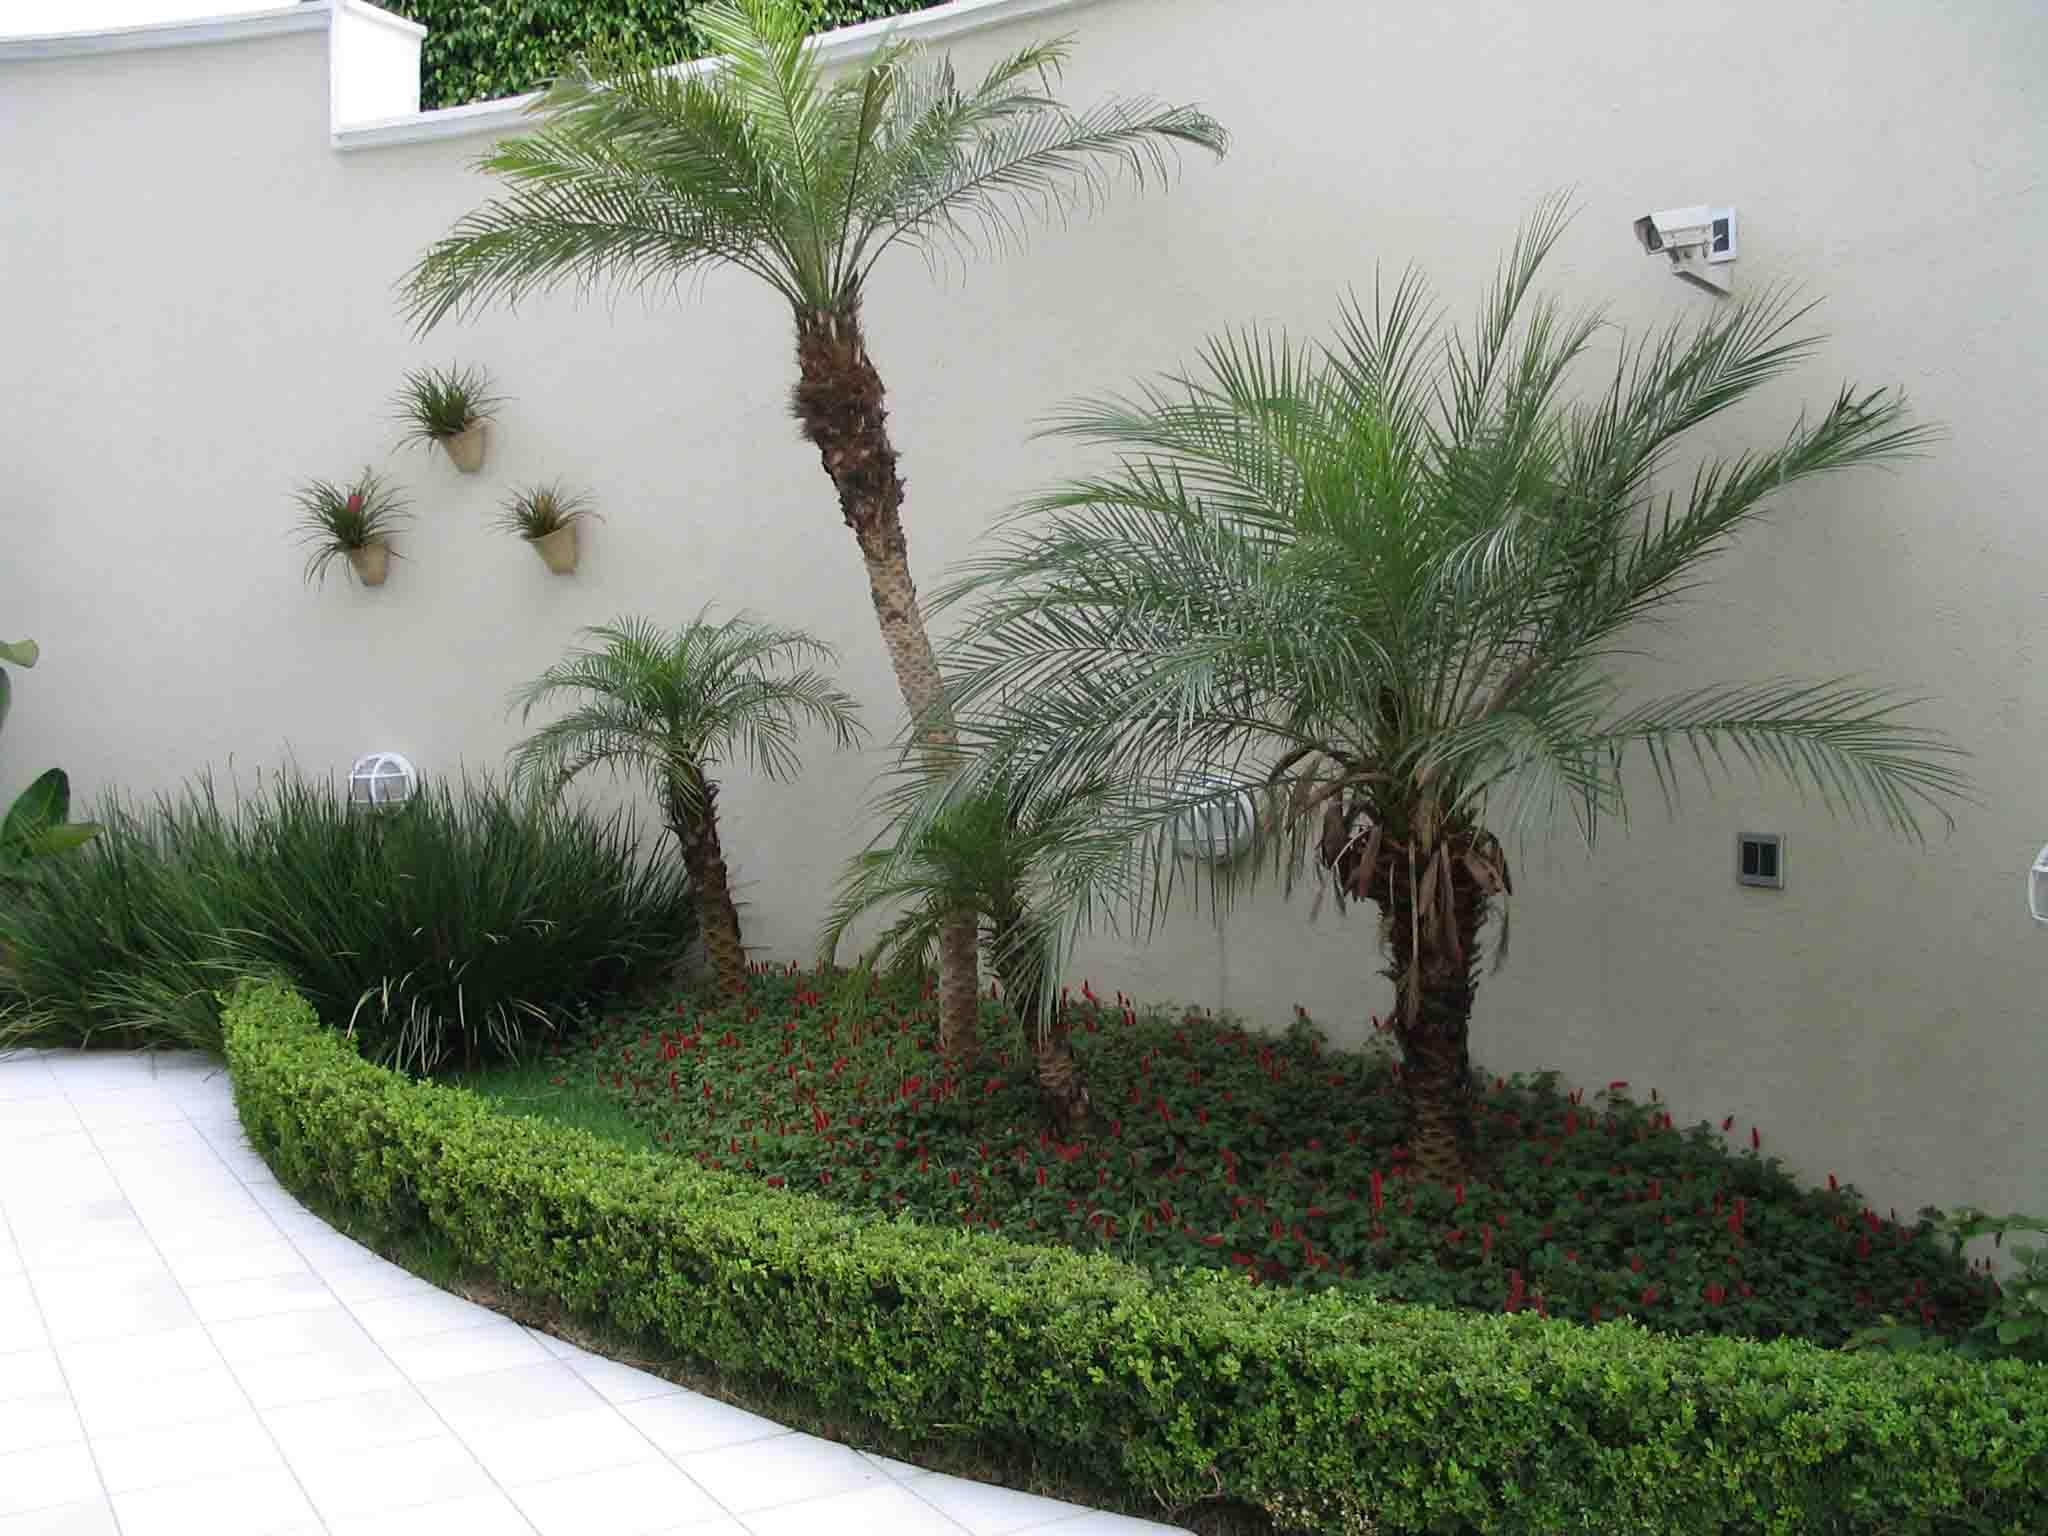 tipos de plantas de jardim fotosTipos de plantas para jardim externo